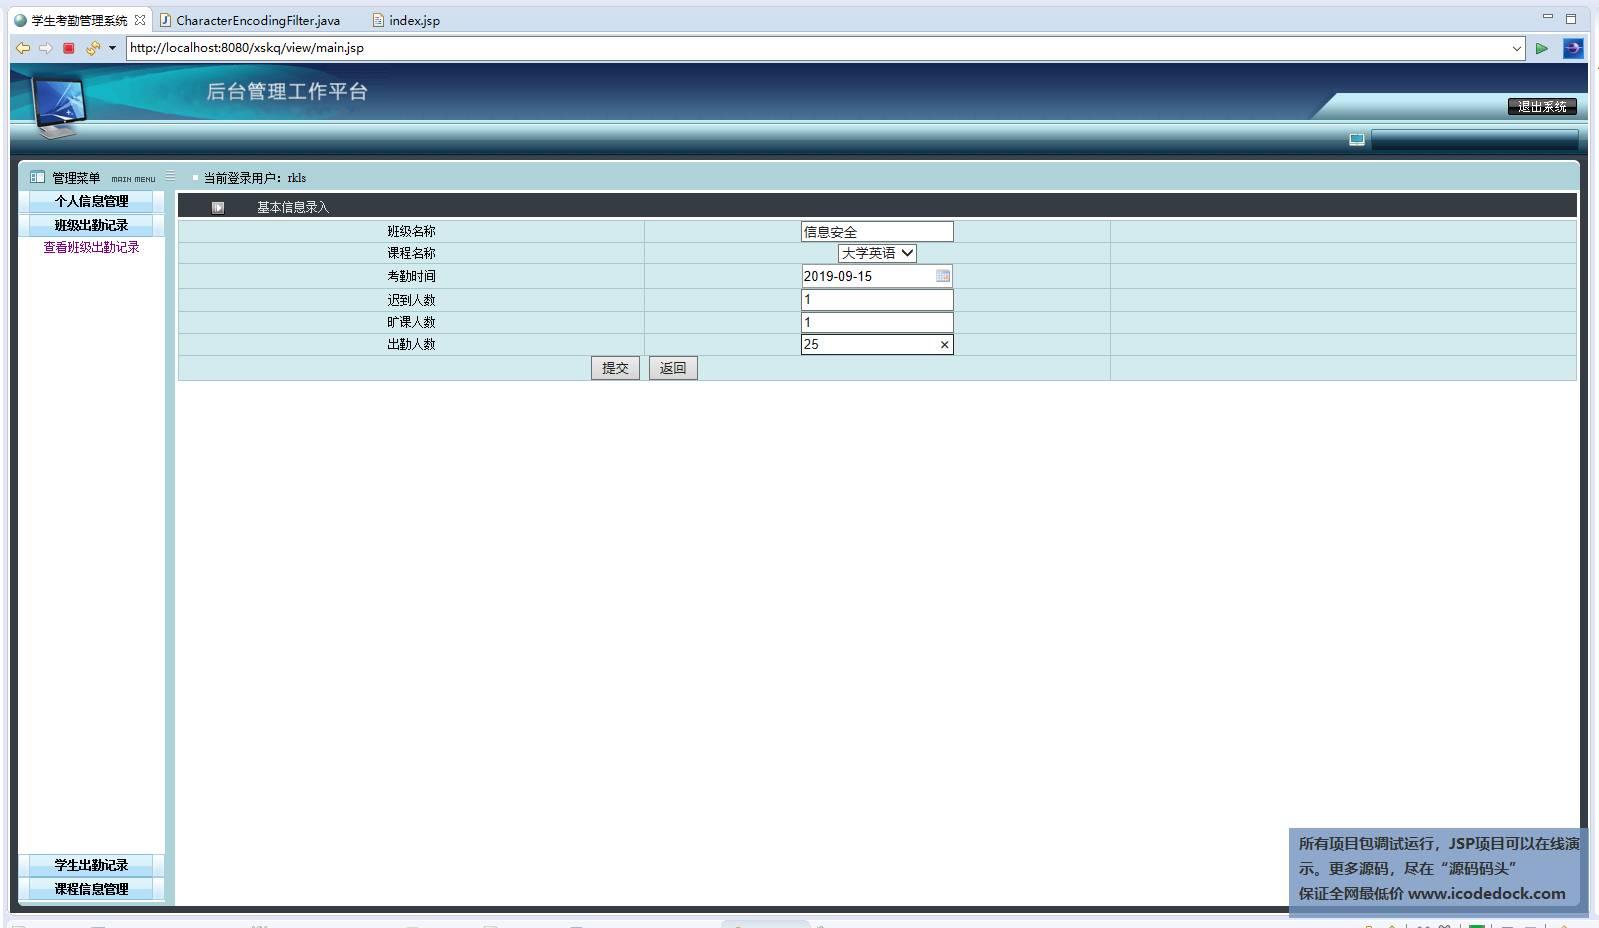 源码码头-JSP学生考勤管理系统-任课老师角色-添加出勤记录